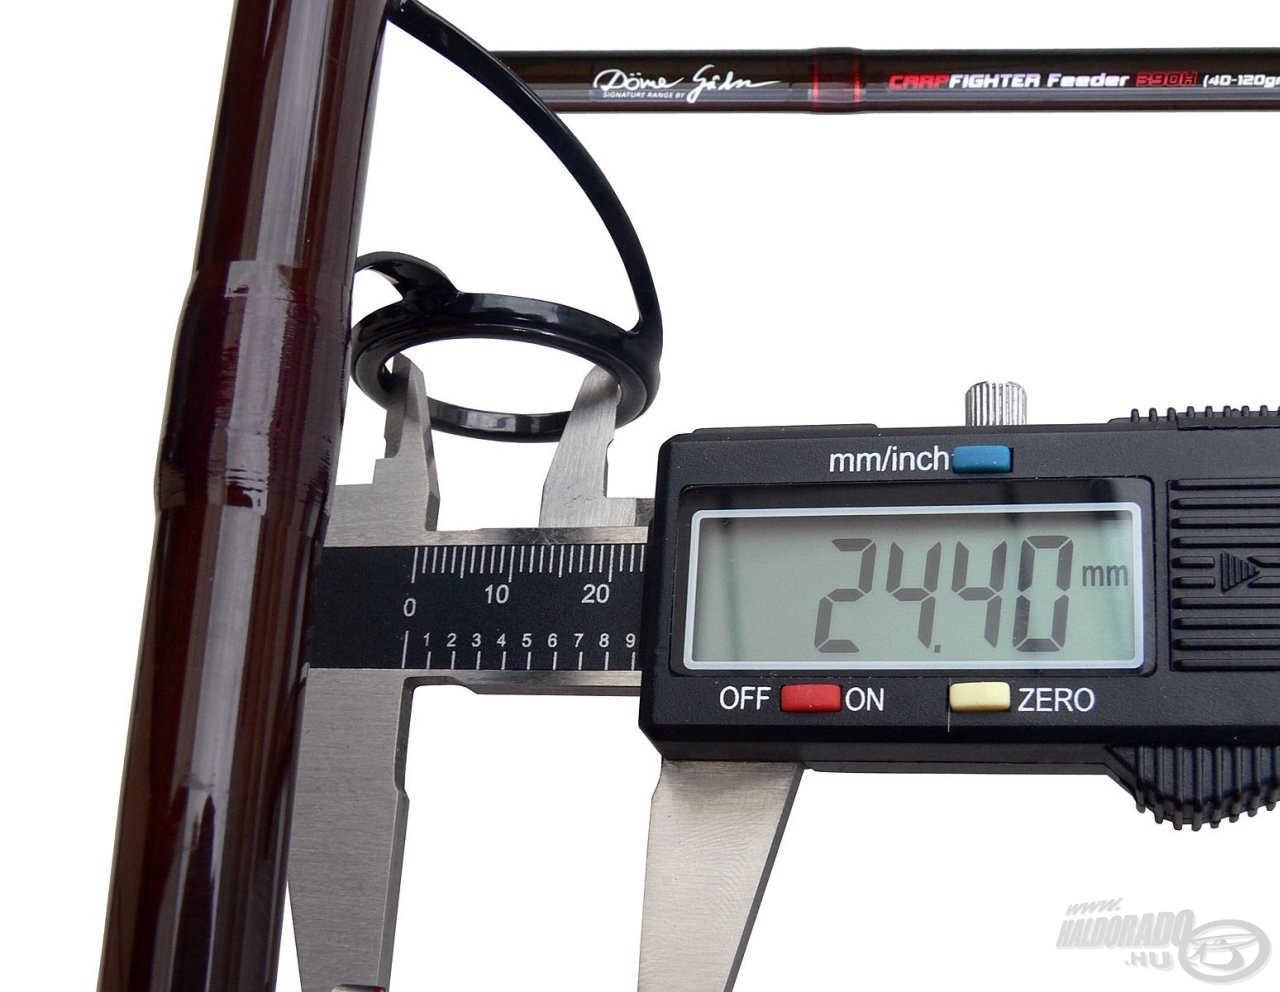 Ez a 390H feederbot keverőgyűrűjének belső mérete